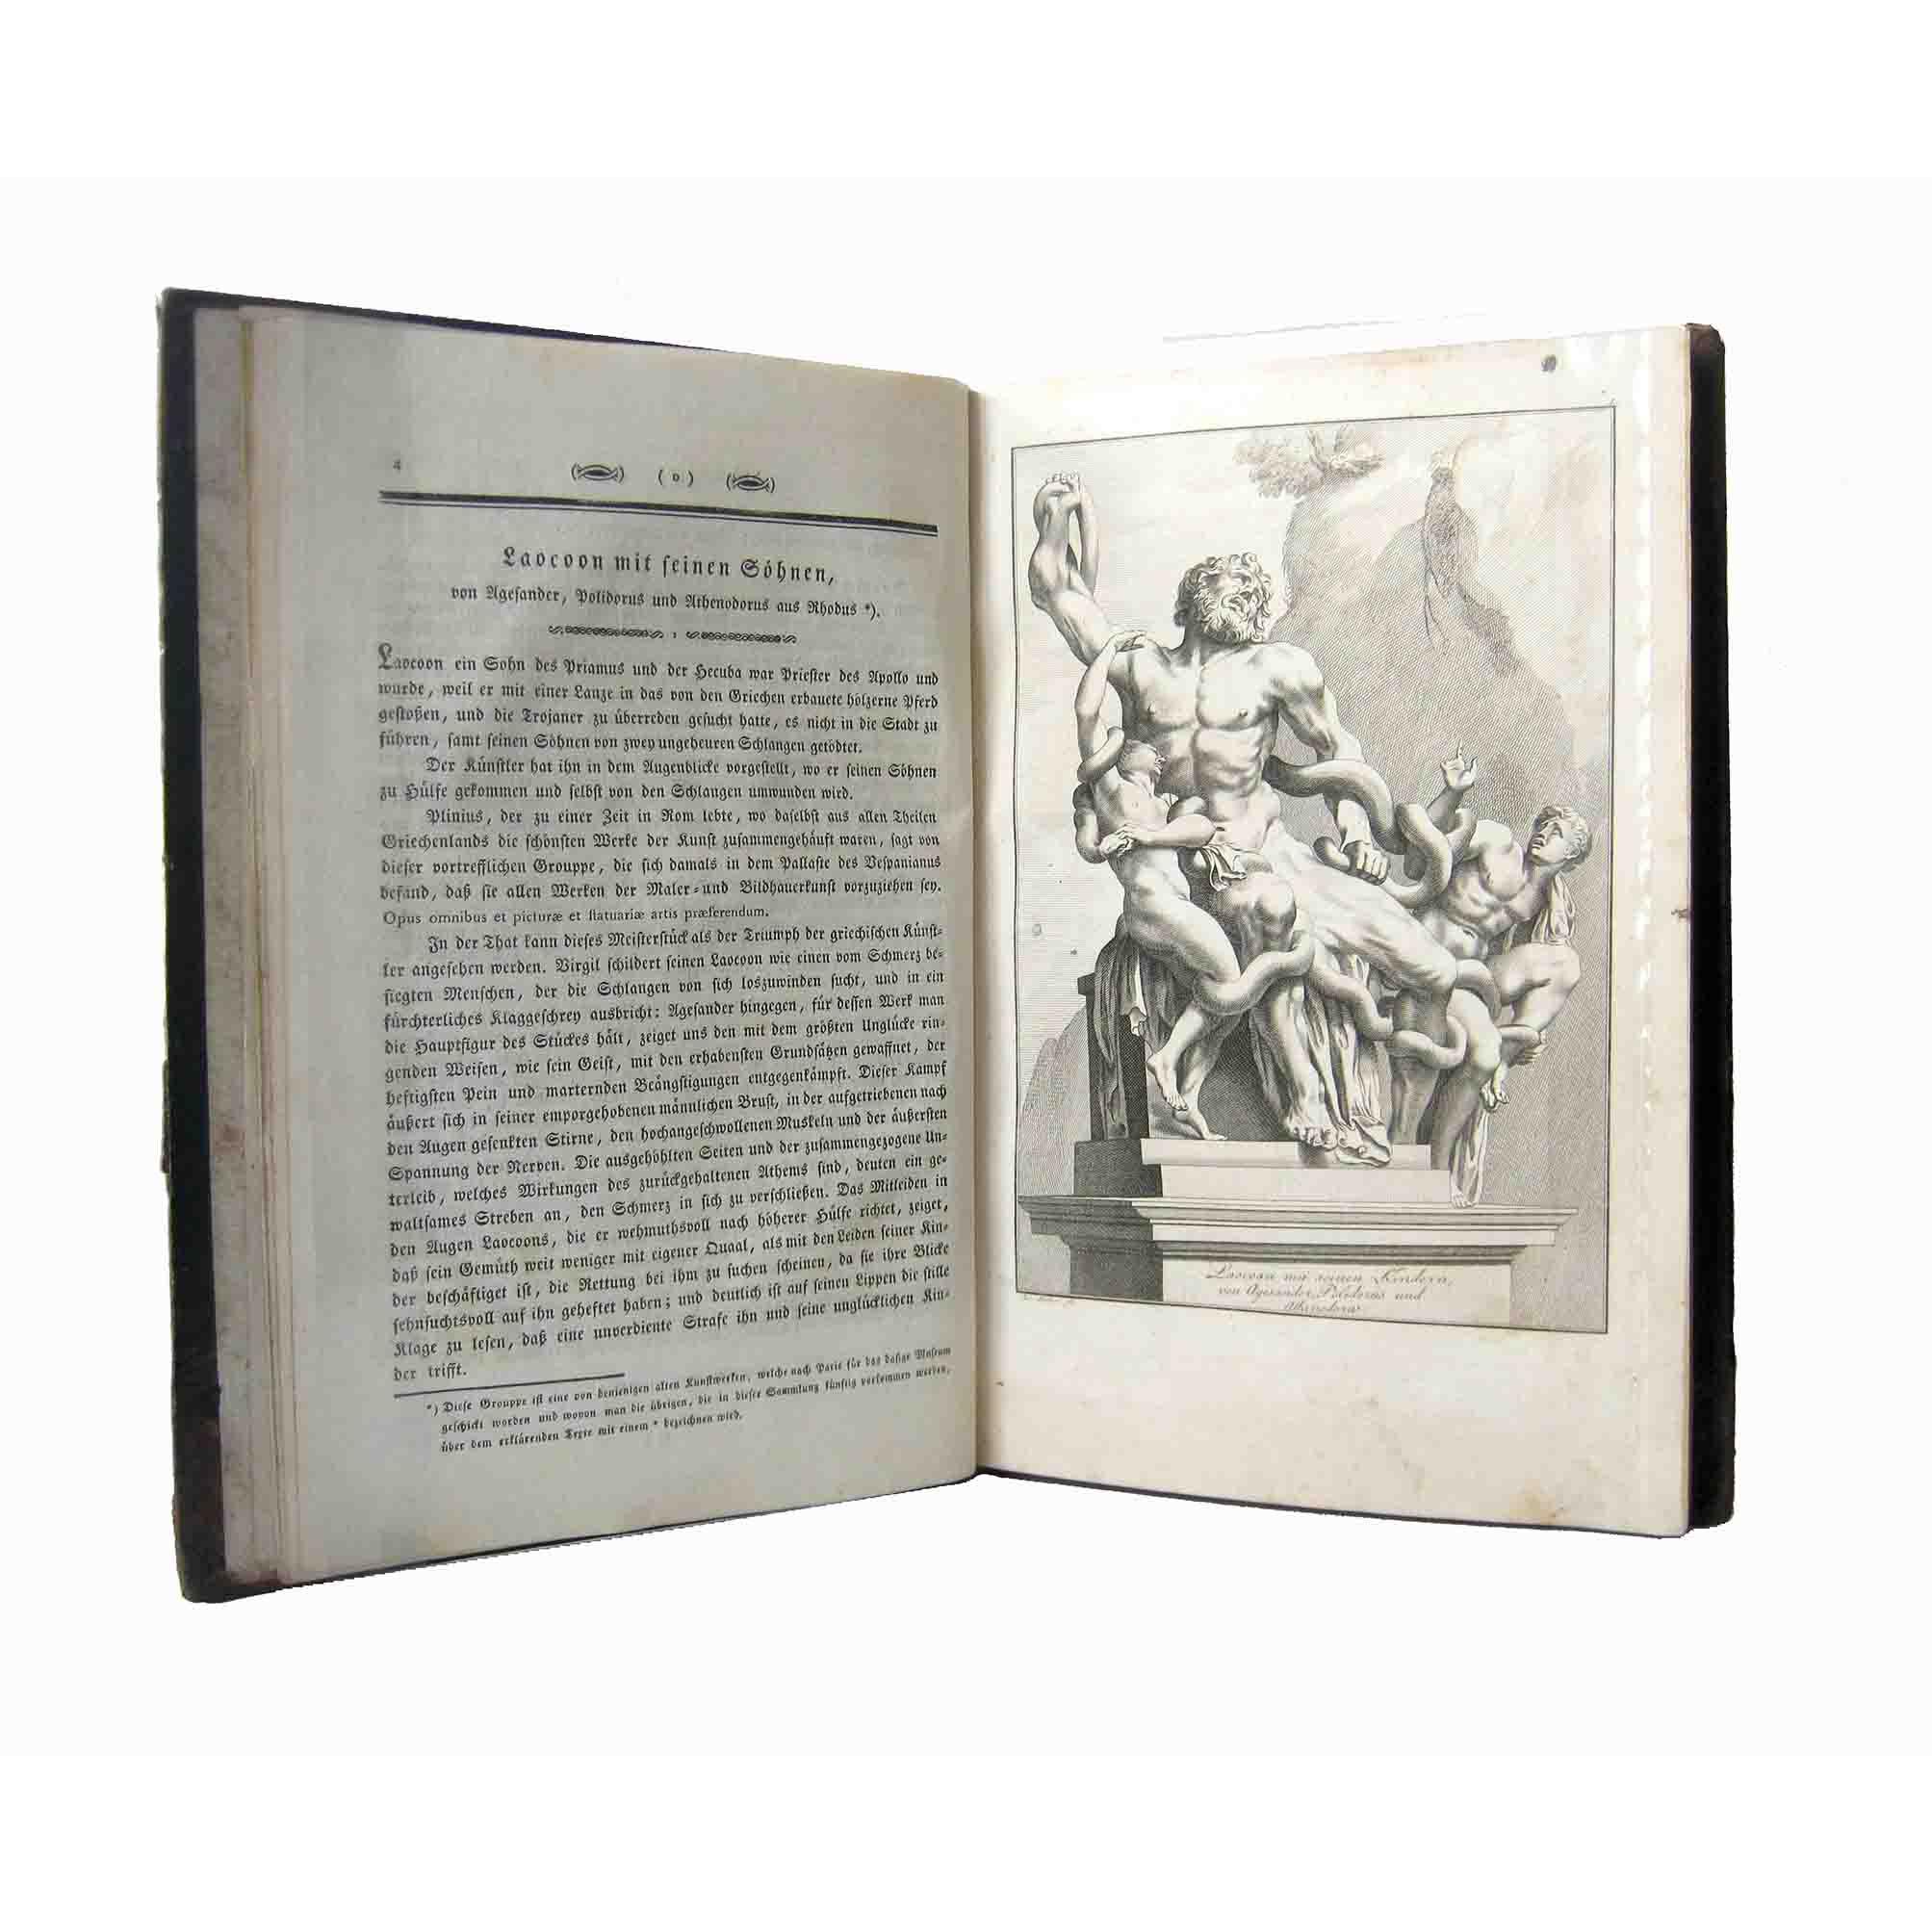 5668-Perrier-Ernst-Statuen-Rom-1797-Laokoon-frei-N.jpg